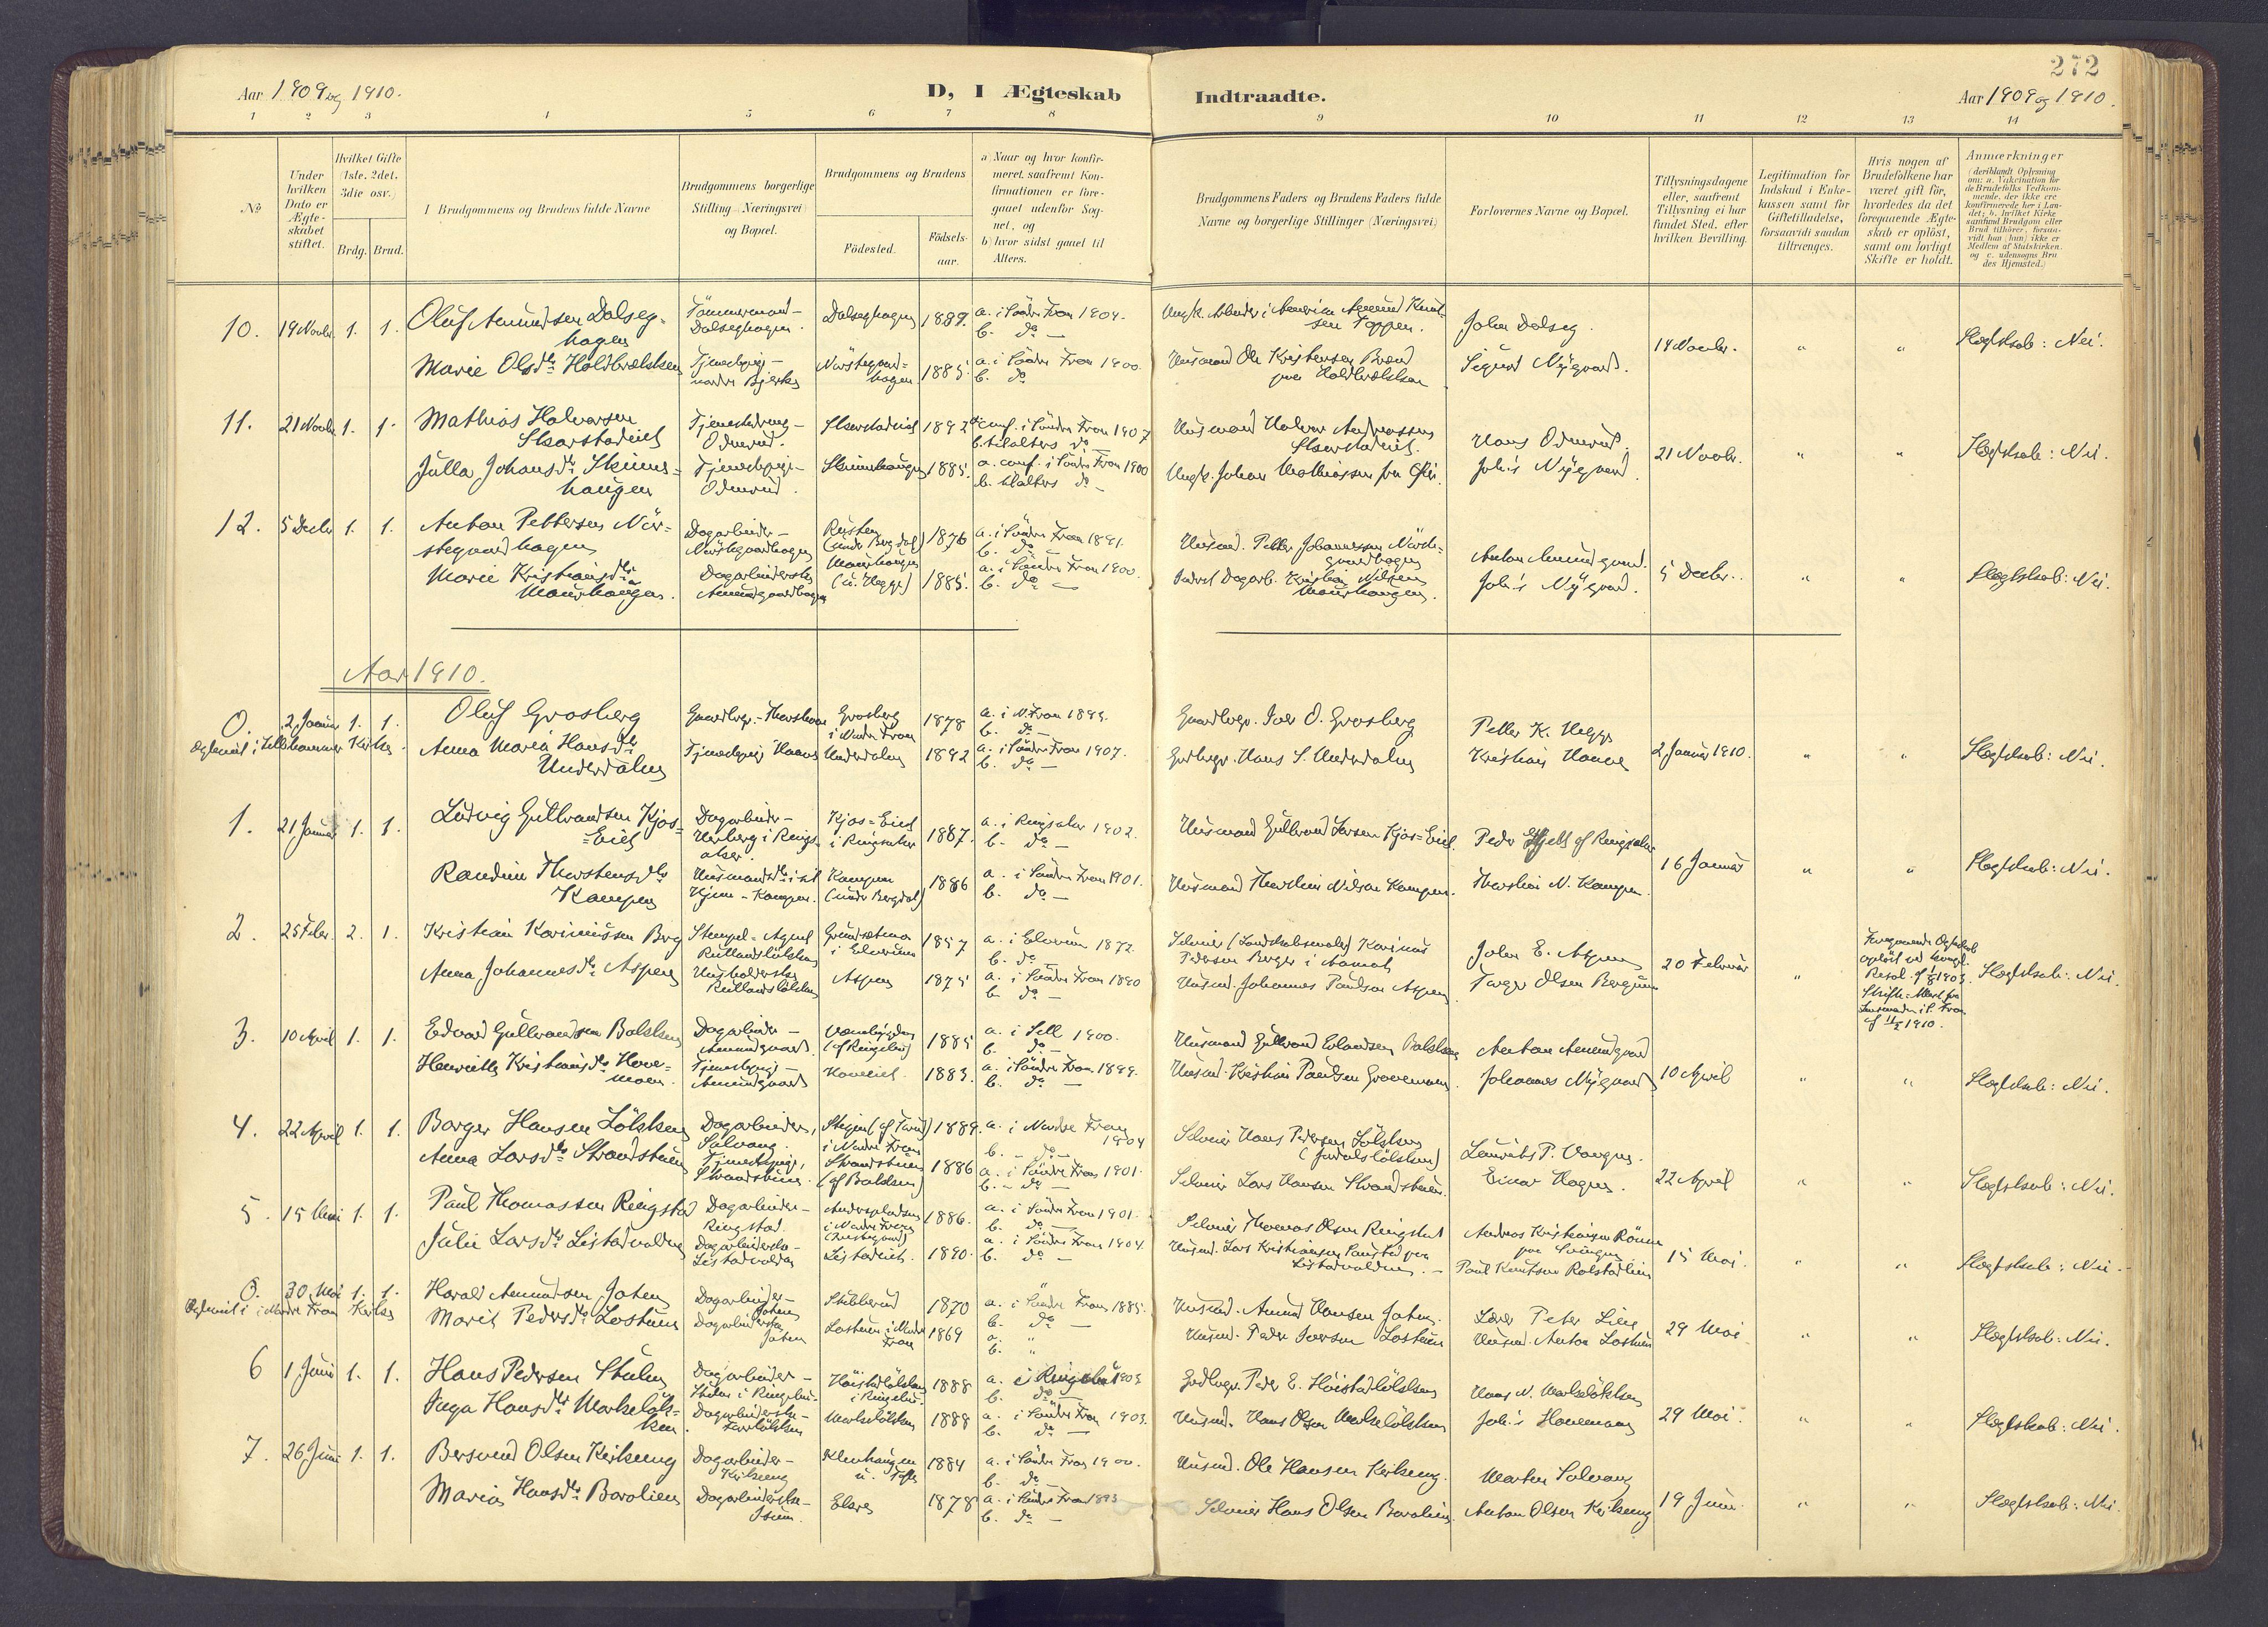 SAH, Sør-Fron prestekontor, H/Ha/Haa/L0004: Ministerialbok nr. 4, 1898-1919, s. 272